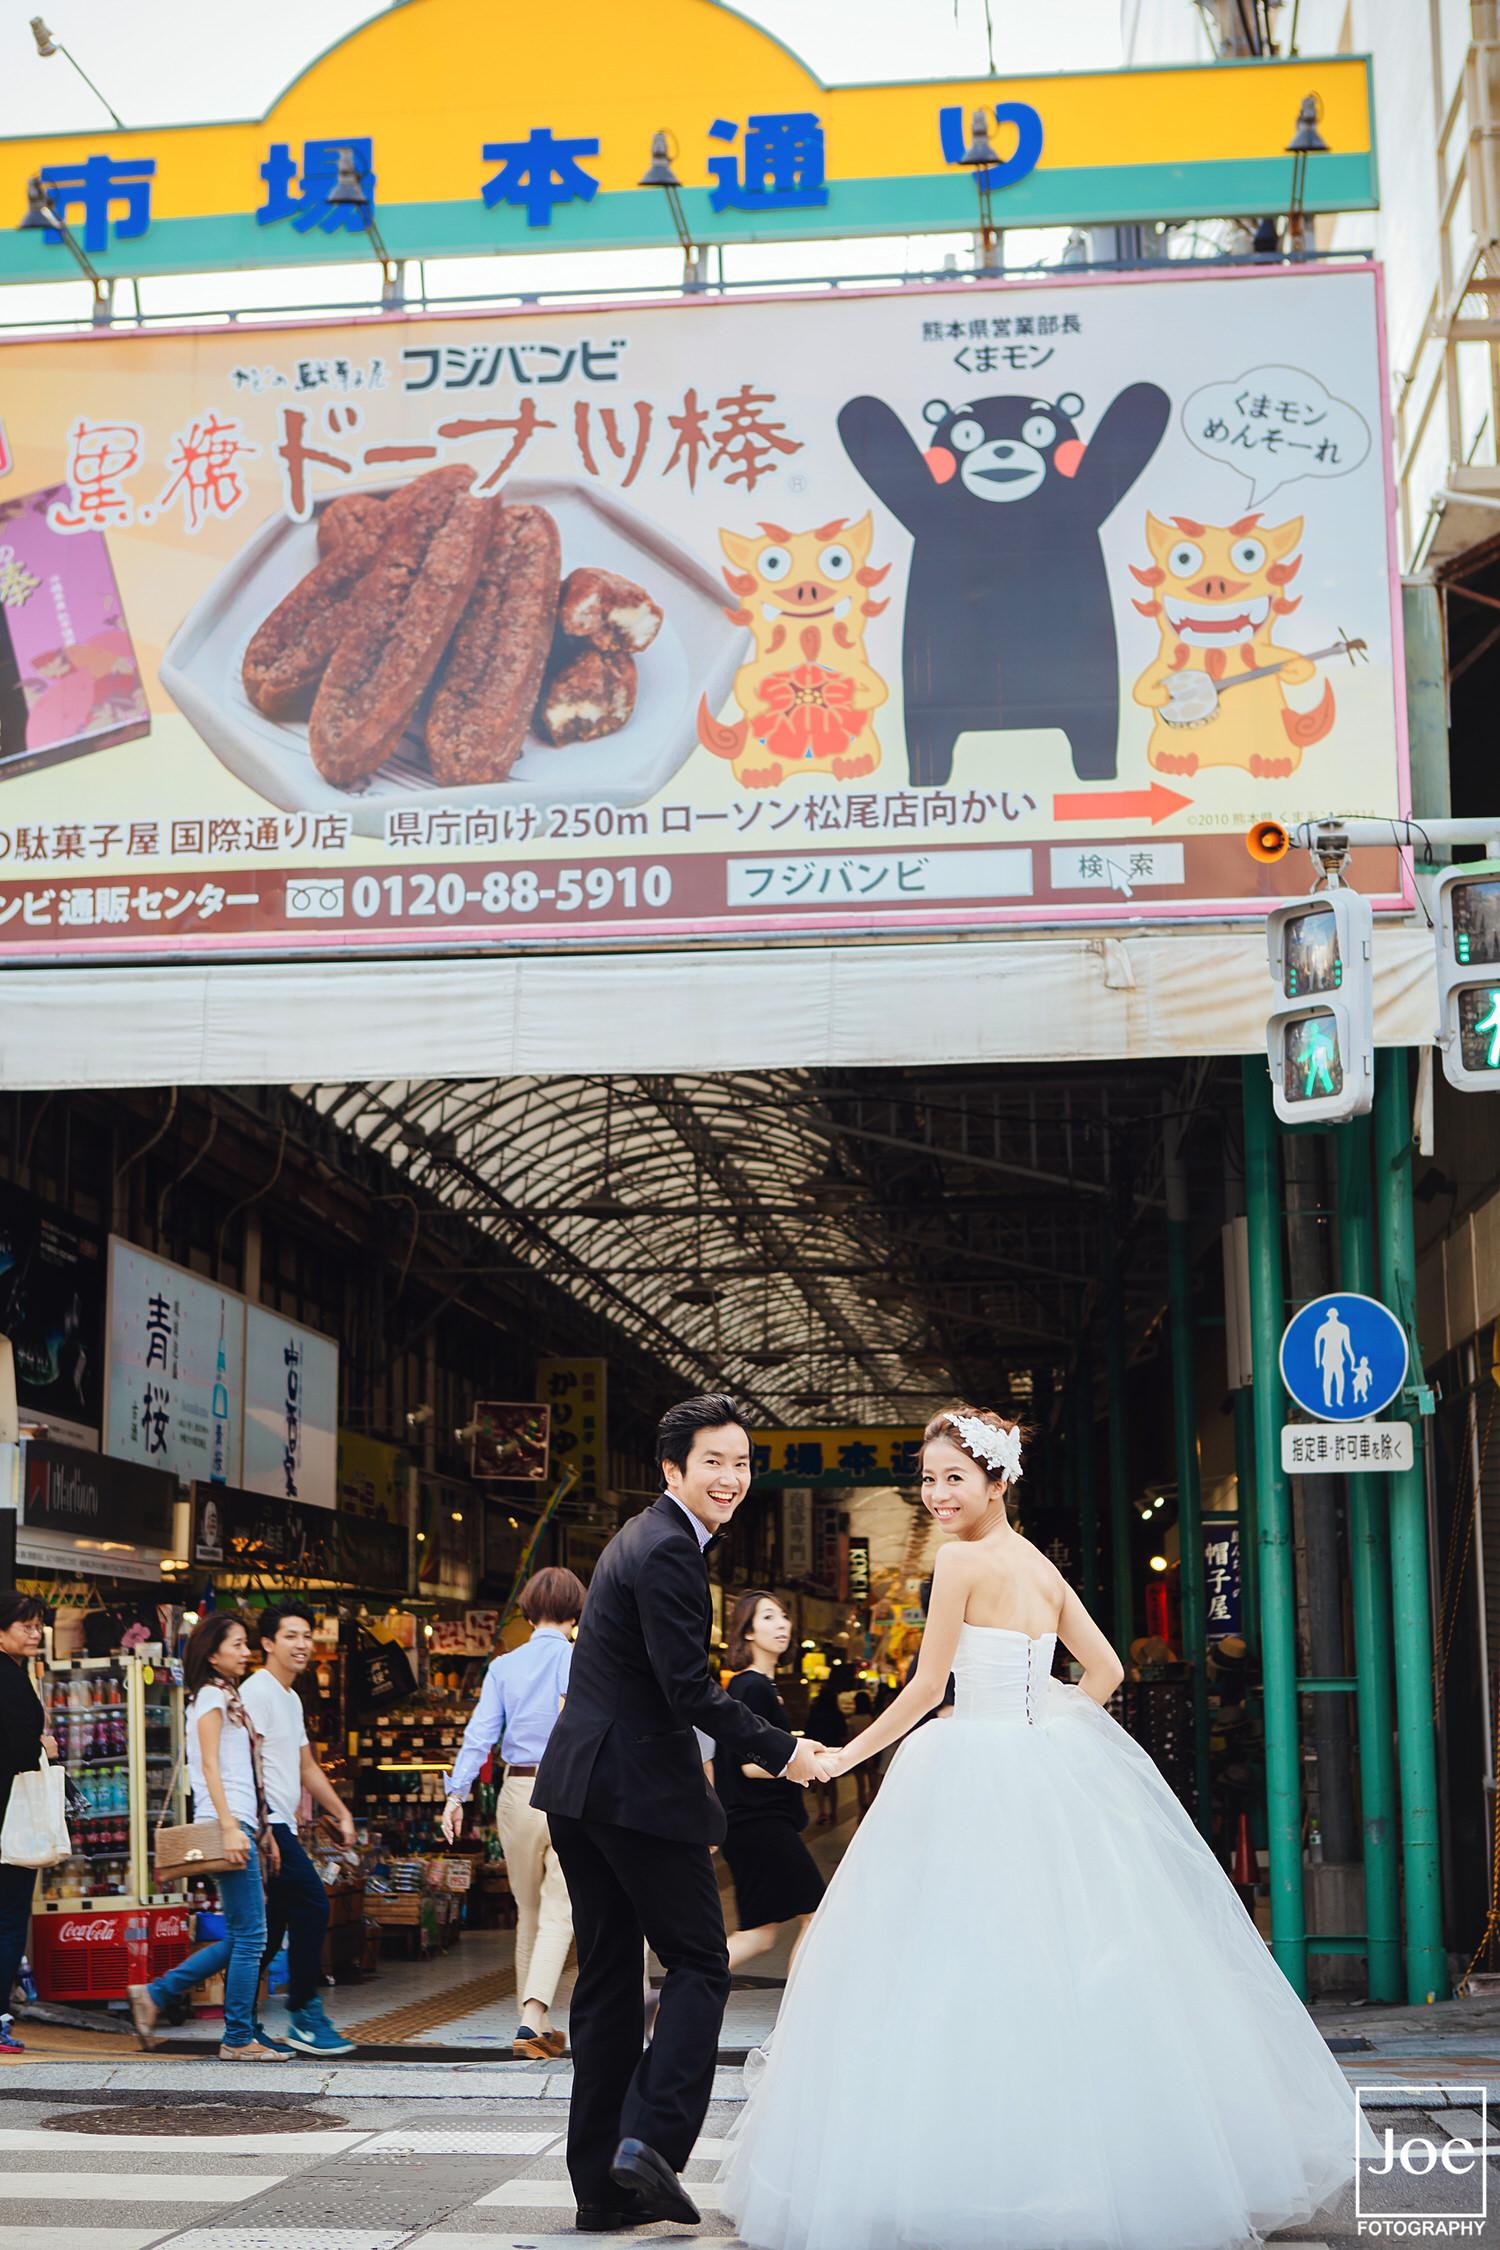 09-okinawa-kokusai-dori-pre-wedding-melody-amigo-joe-fotography.jpg